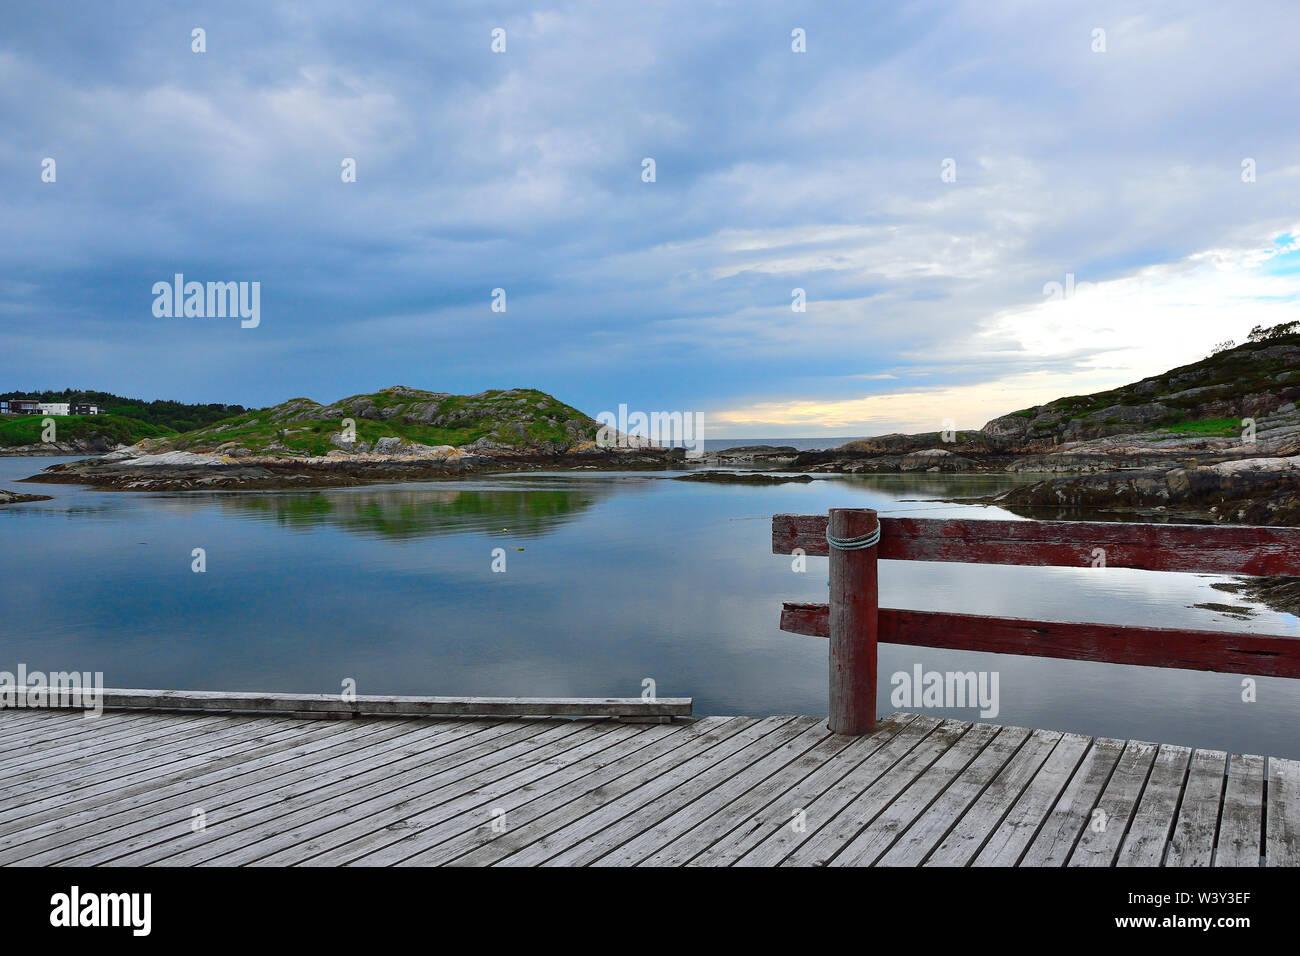 View to the Sea Kristiansund, Dalabergan, Norway Stock Photo